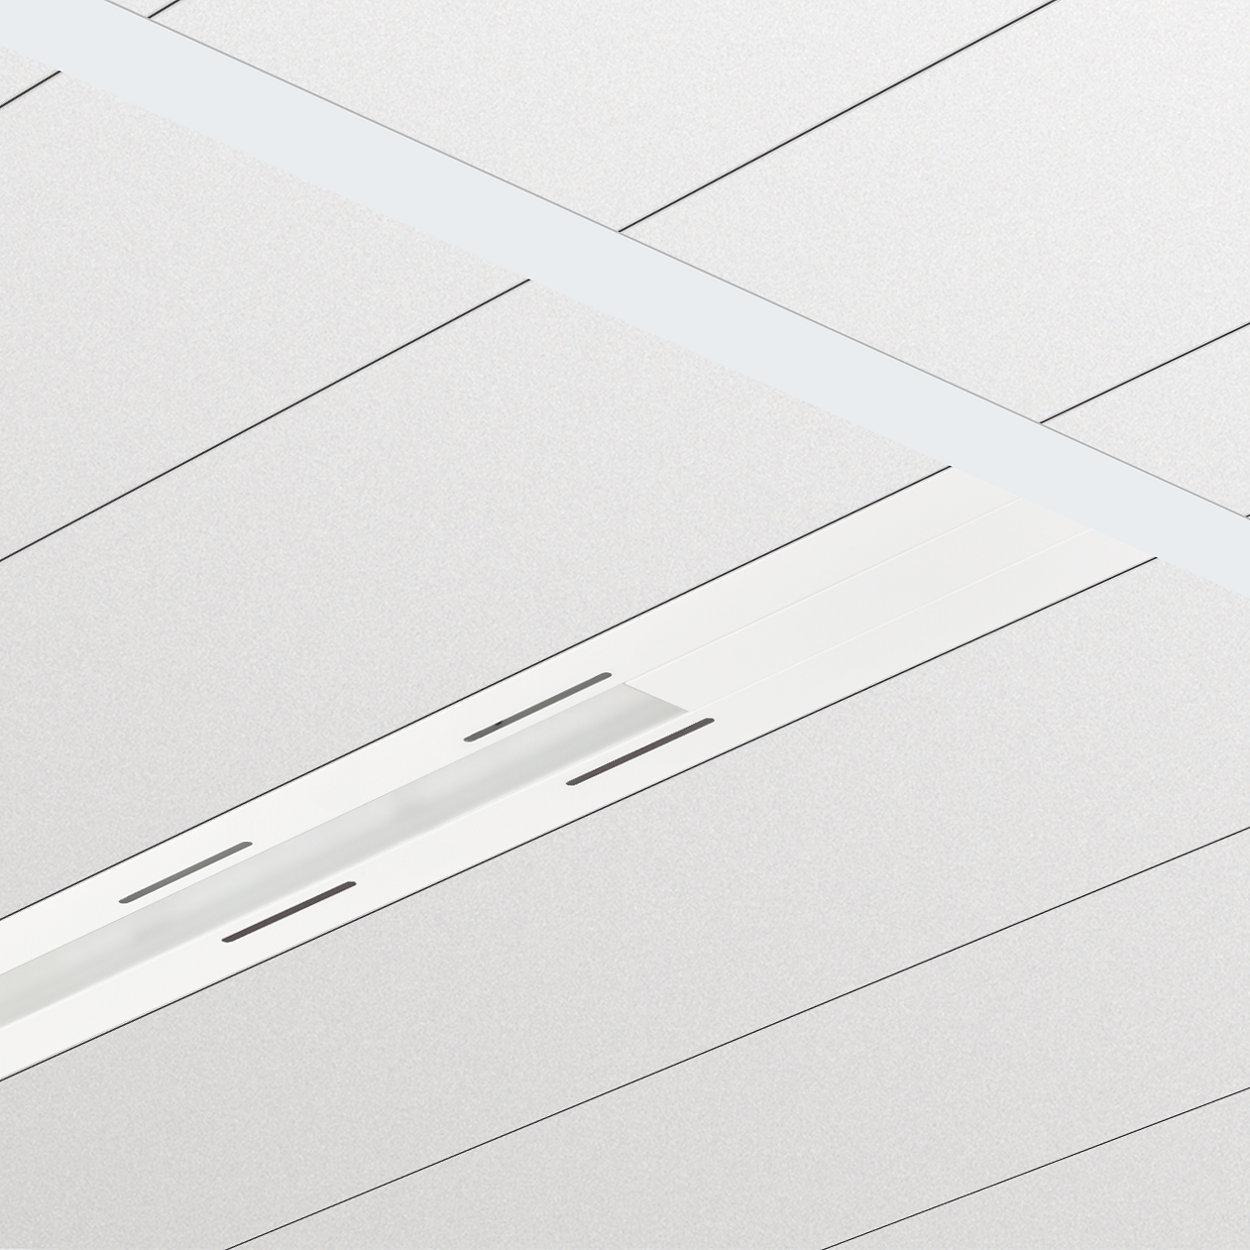 TrueLine Inbouw - Een echte lichtlijn; elegant, energiezuinig en in overeenstemming met de normen voor kantoorverlichting.